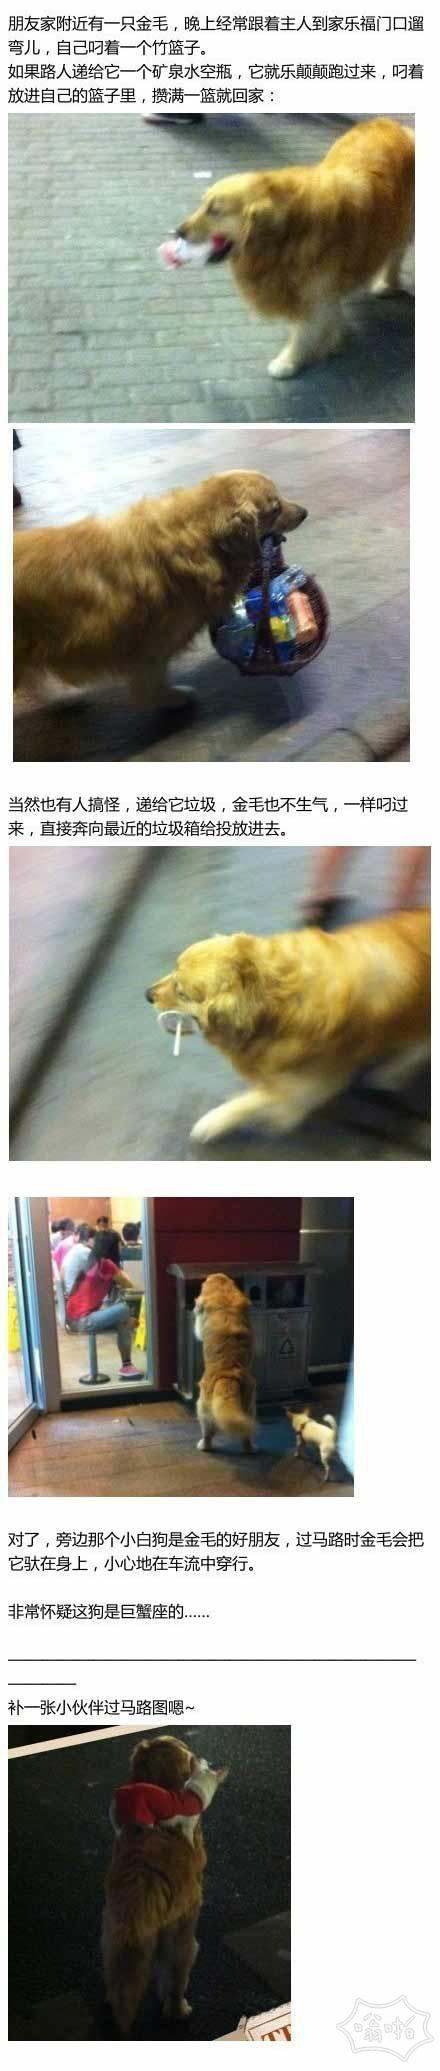 聪明的狗狗:狗的智力能高到什么程度?